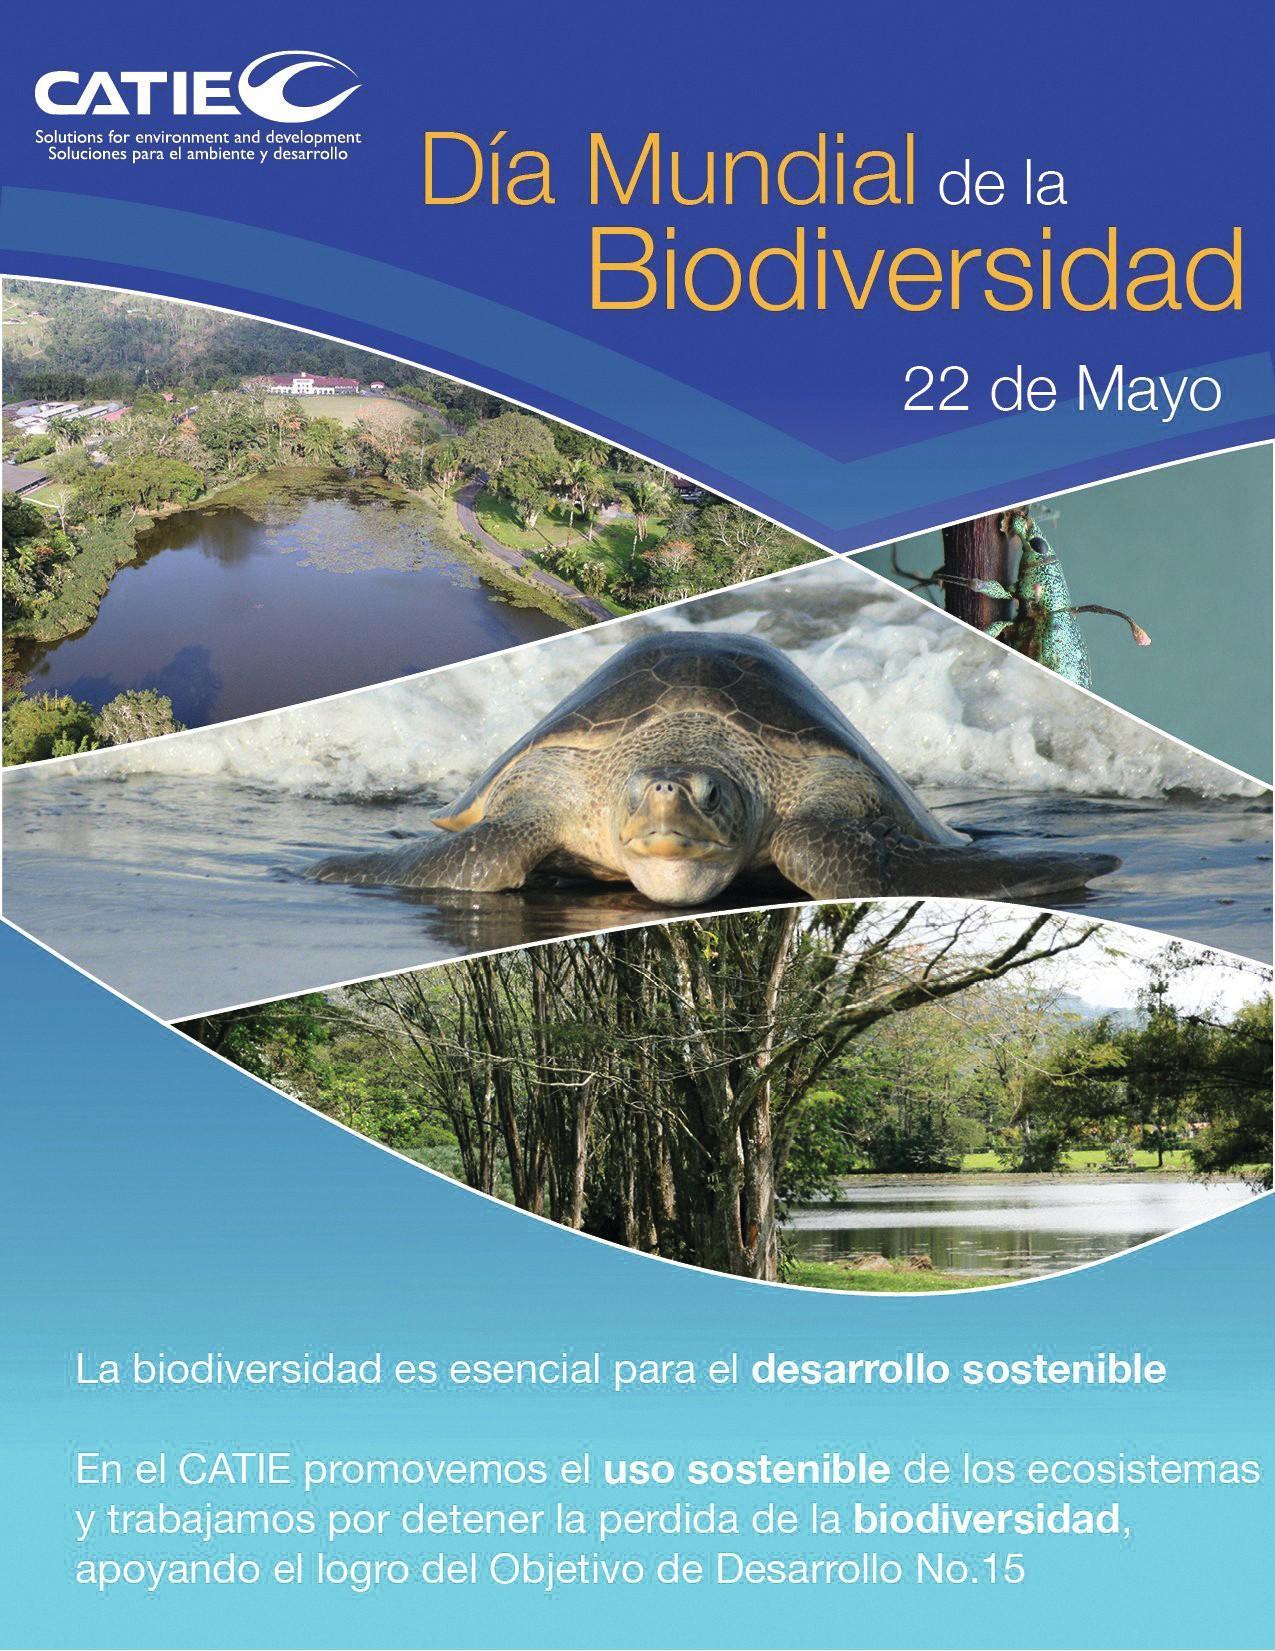 Día Mundial de la Biodiversidad, 2012.